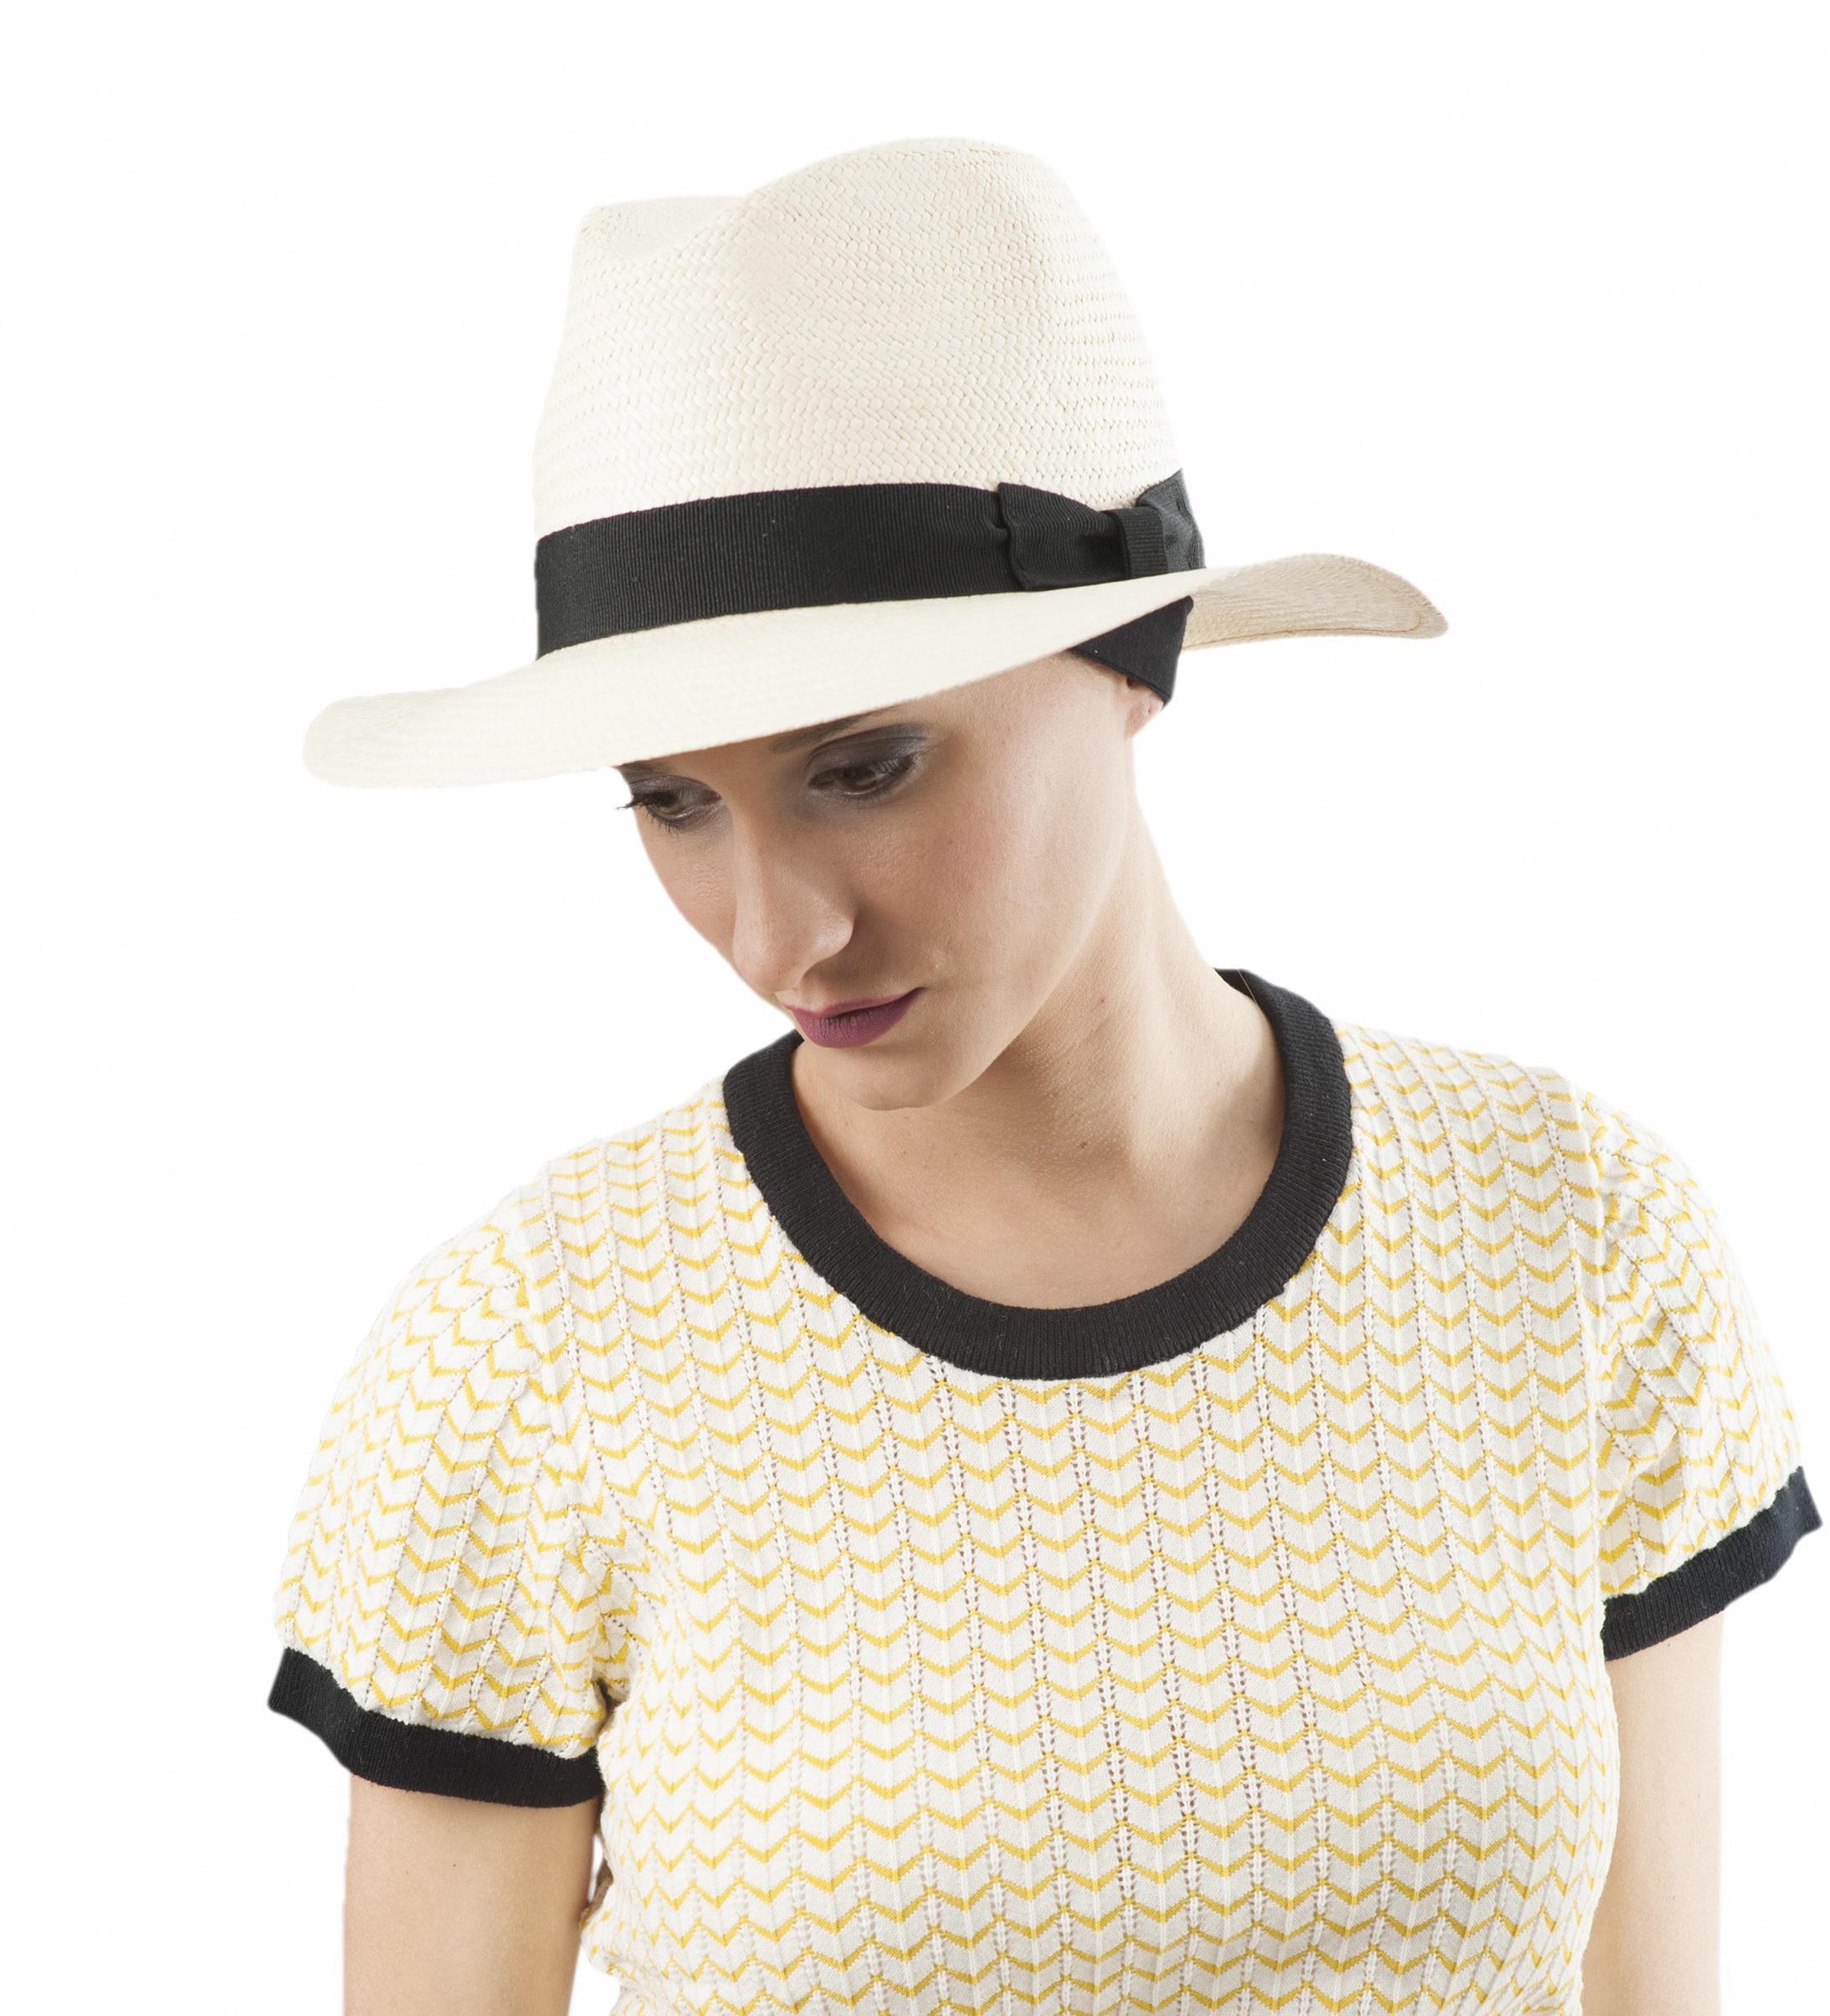 Chapeau d'été en fibres végétales modèle Panama MM PARIS